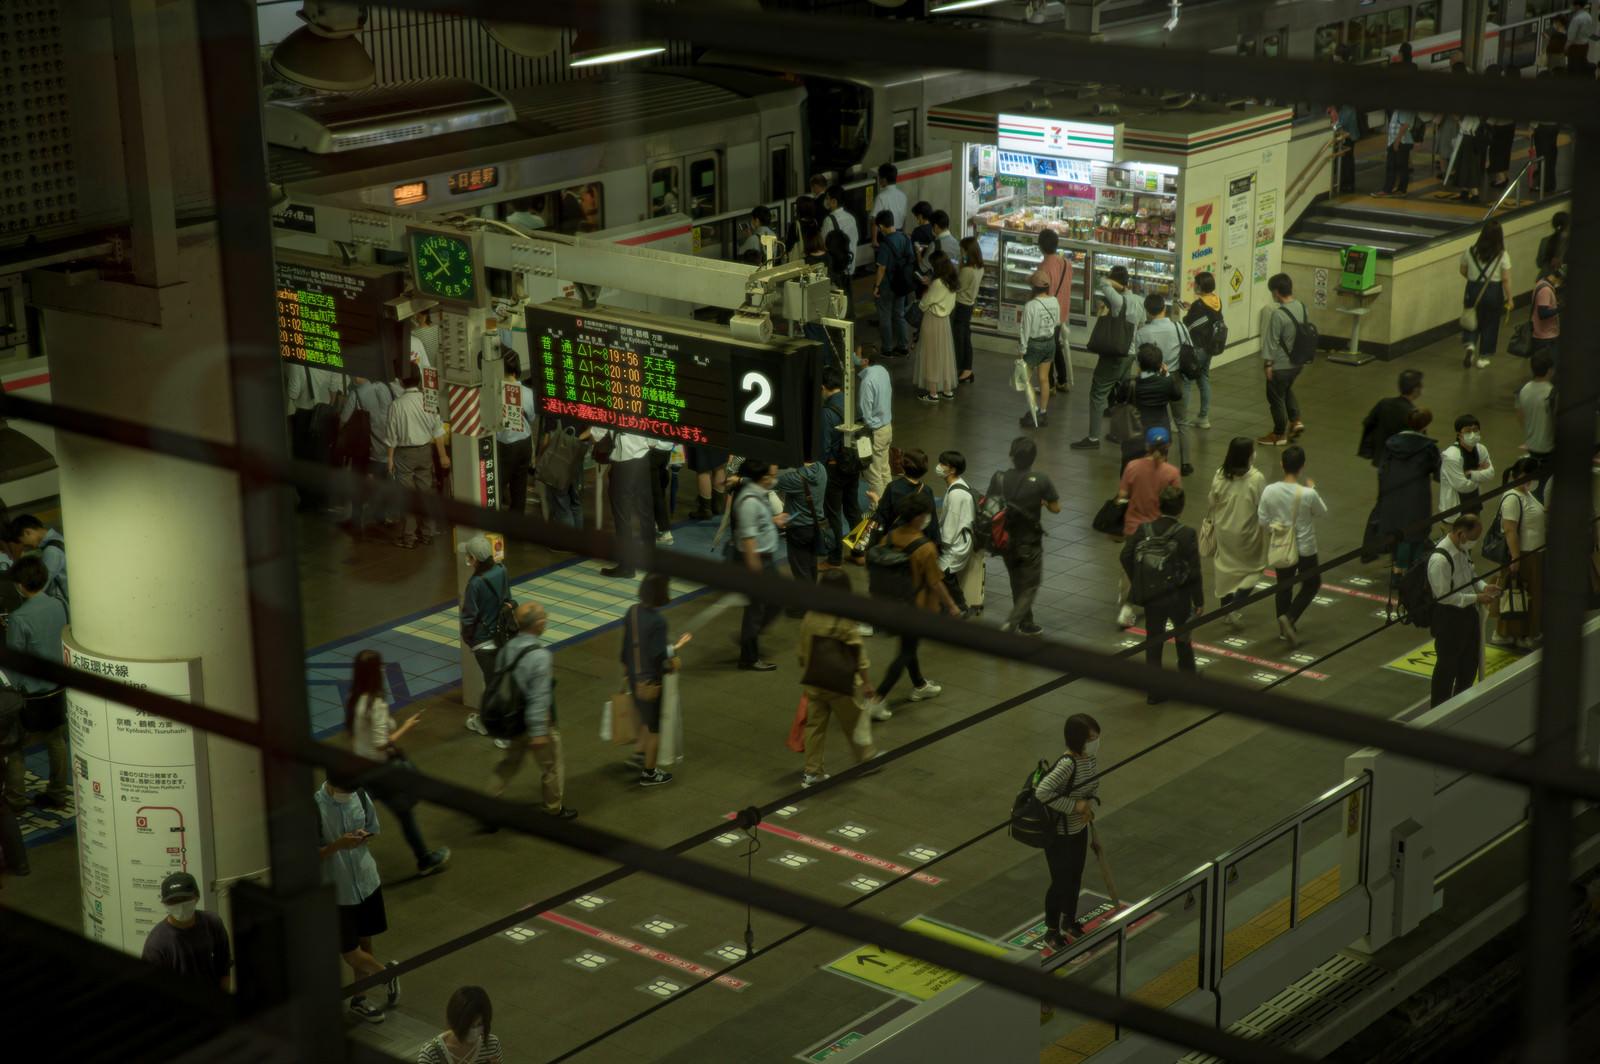 「駅のホームで往来する人」の写真